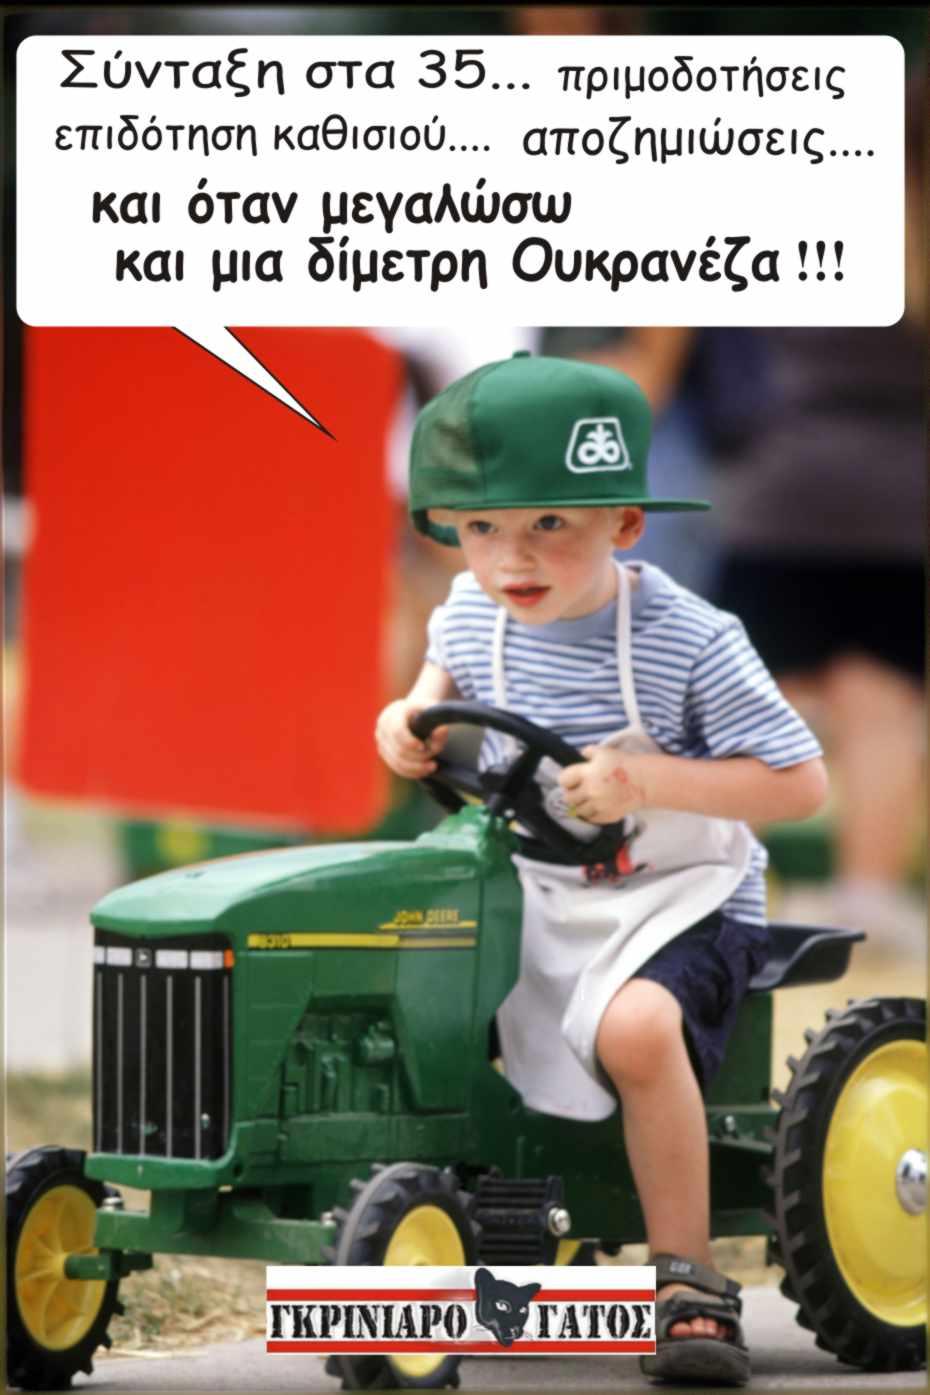 http://1.bp.blogspot.com/_l8shCq5yeSg/S1wnFuzoTpI/AAAAAAAAAxI/UDeuG9eiNb0/s1600/agrotes.jpg